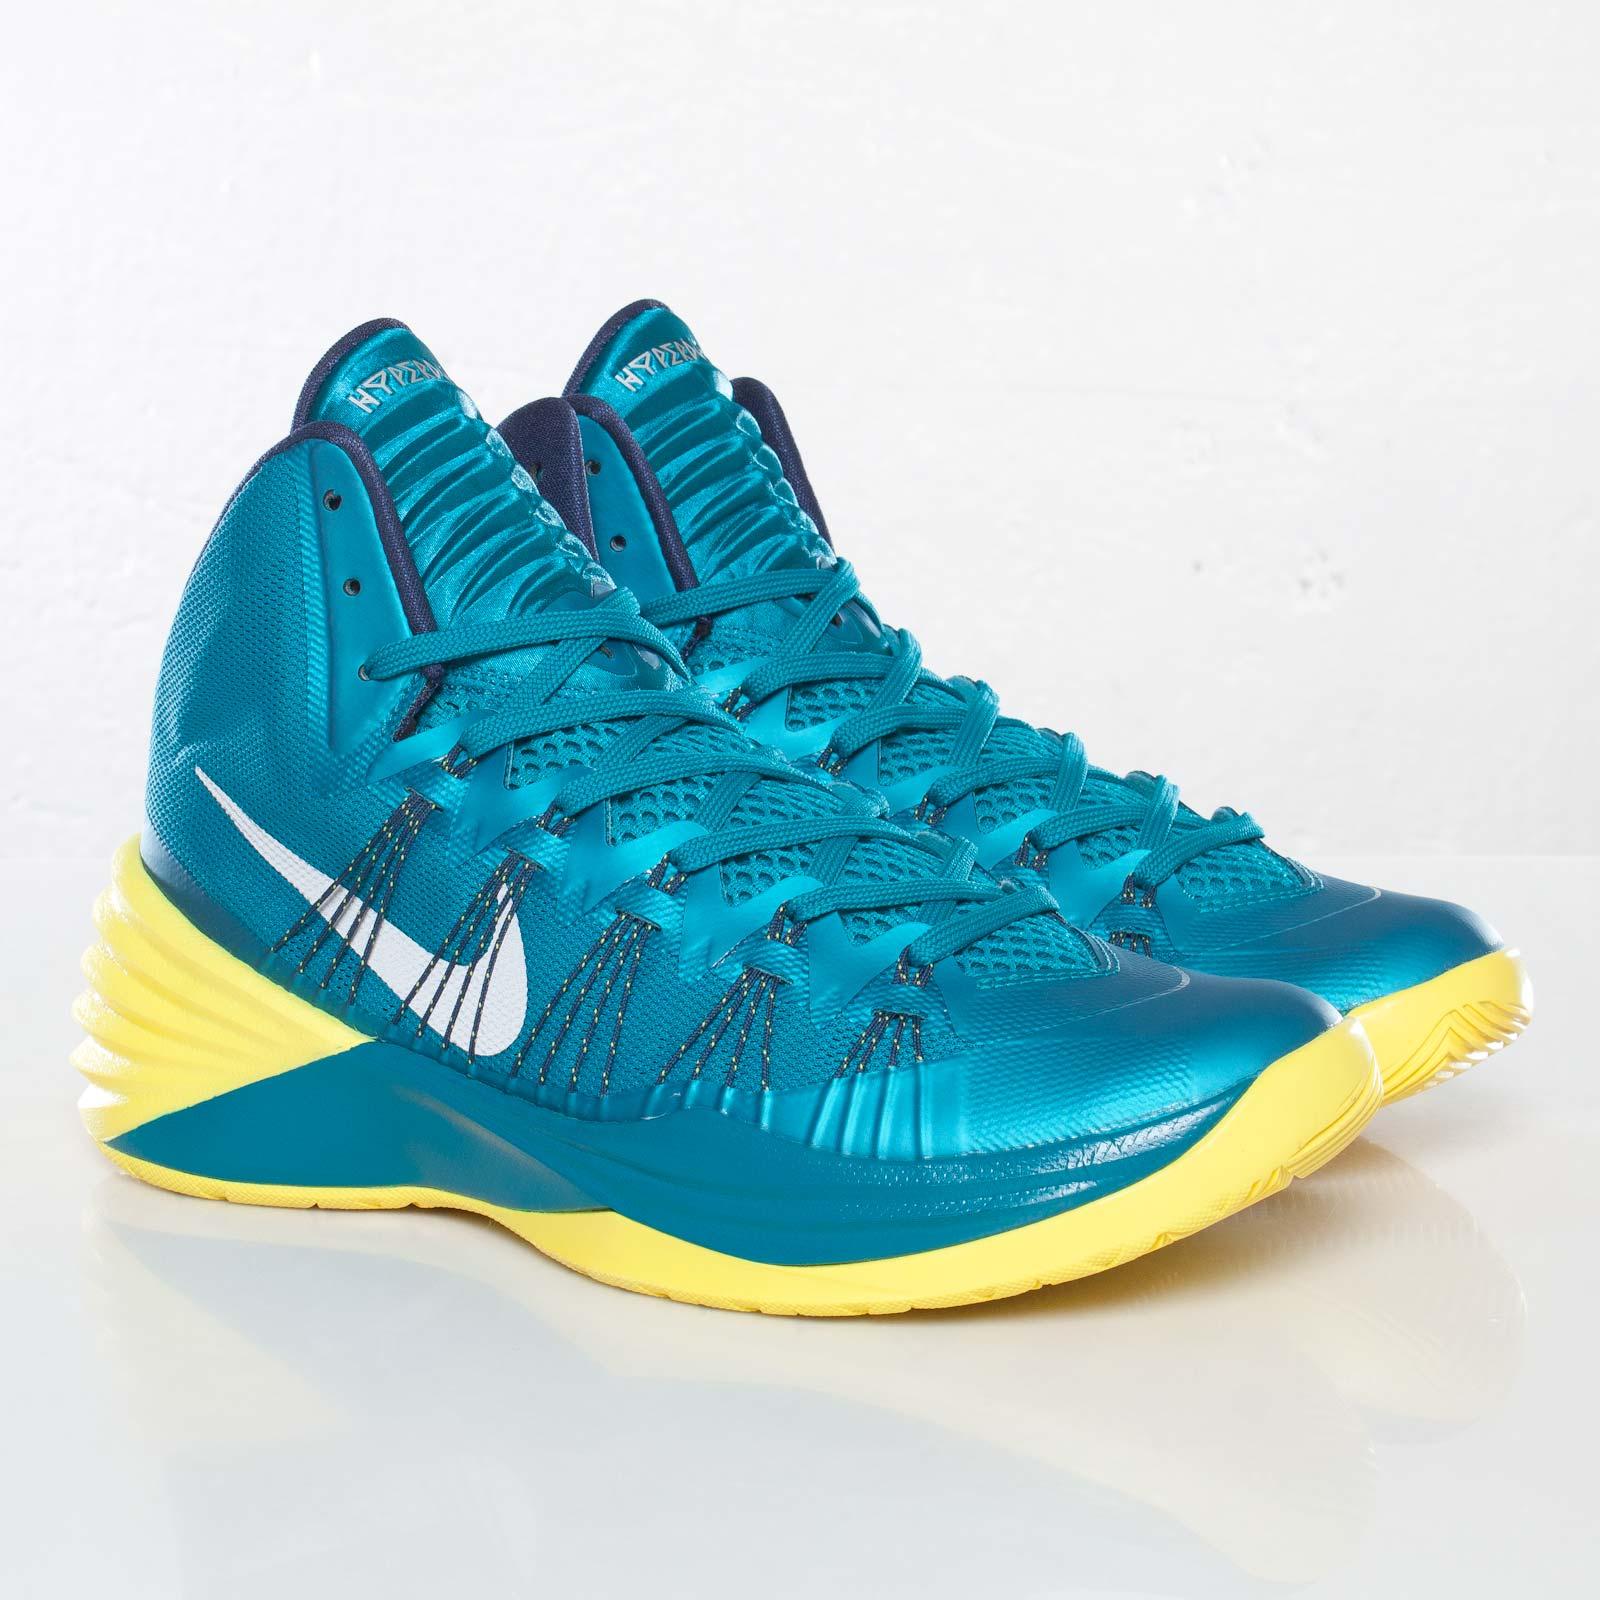 best sneakers 92aaa 3af0e Nike Hyperdunk 2013